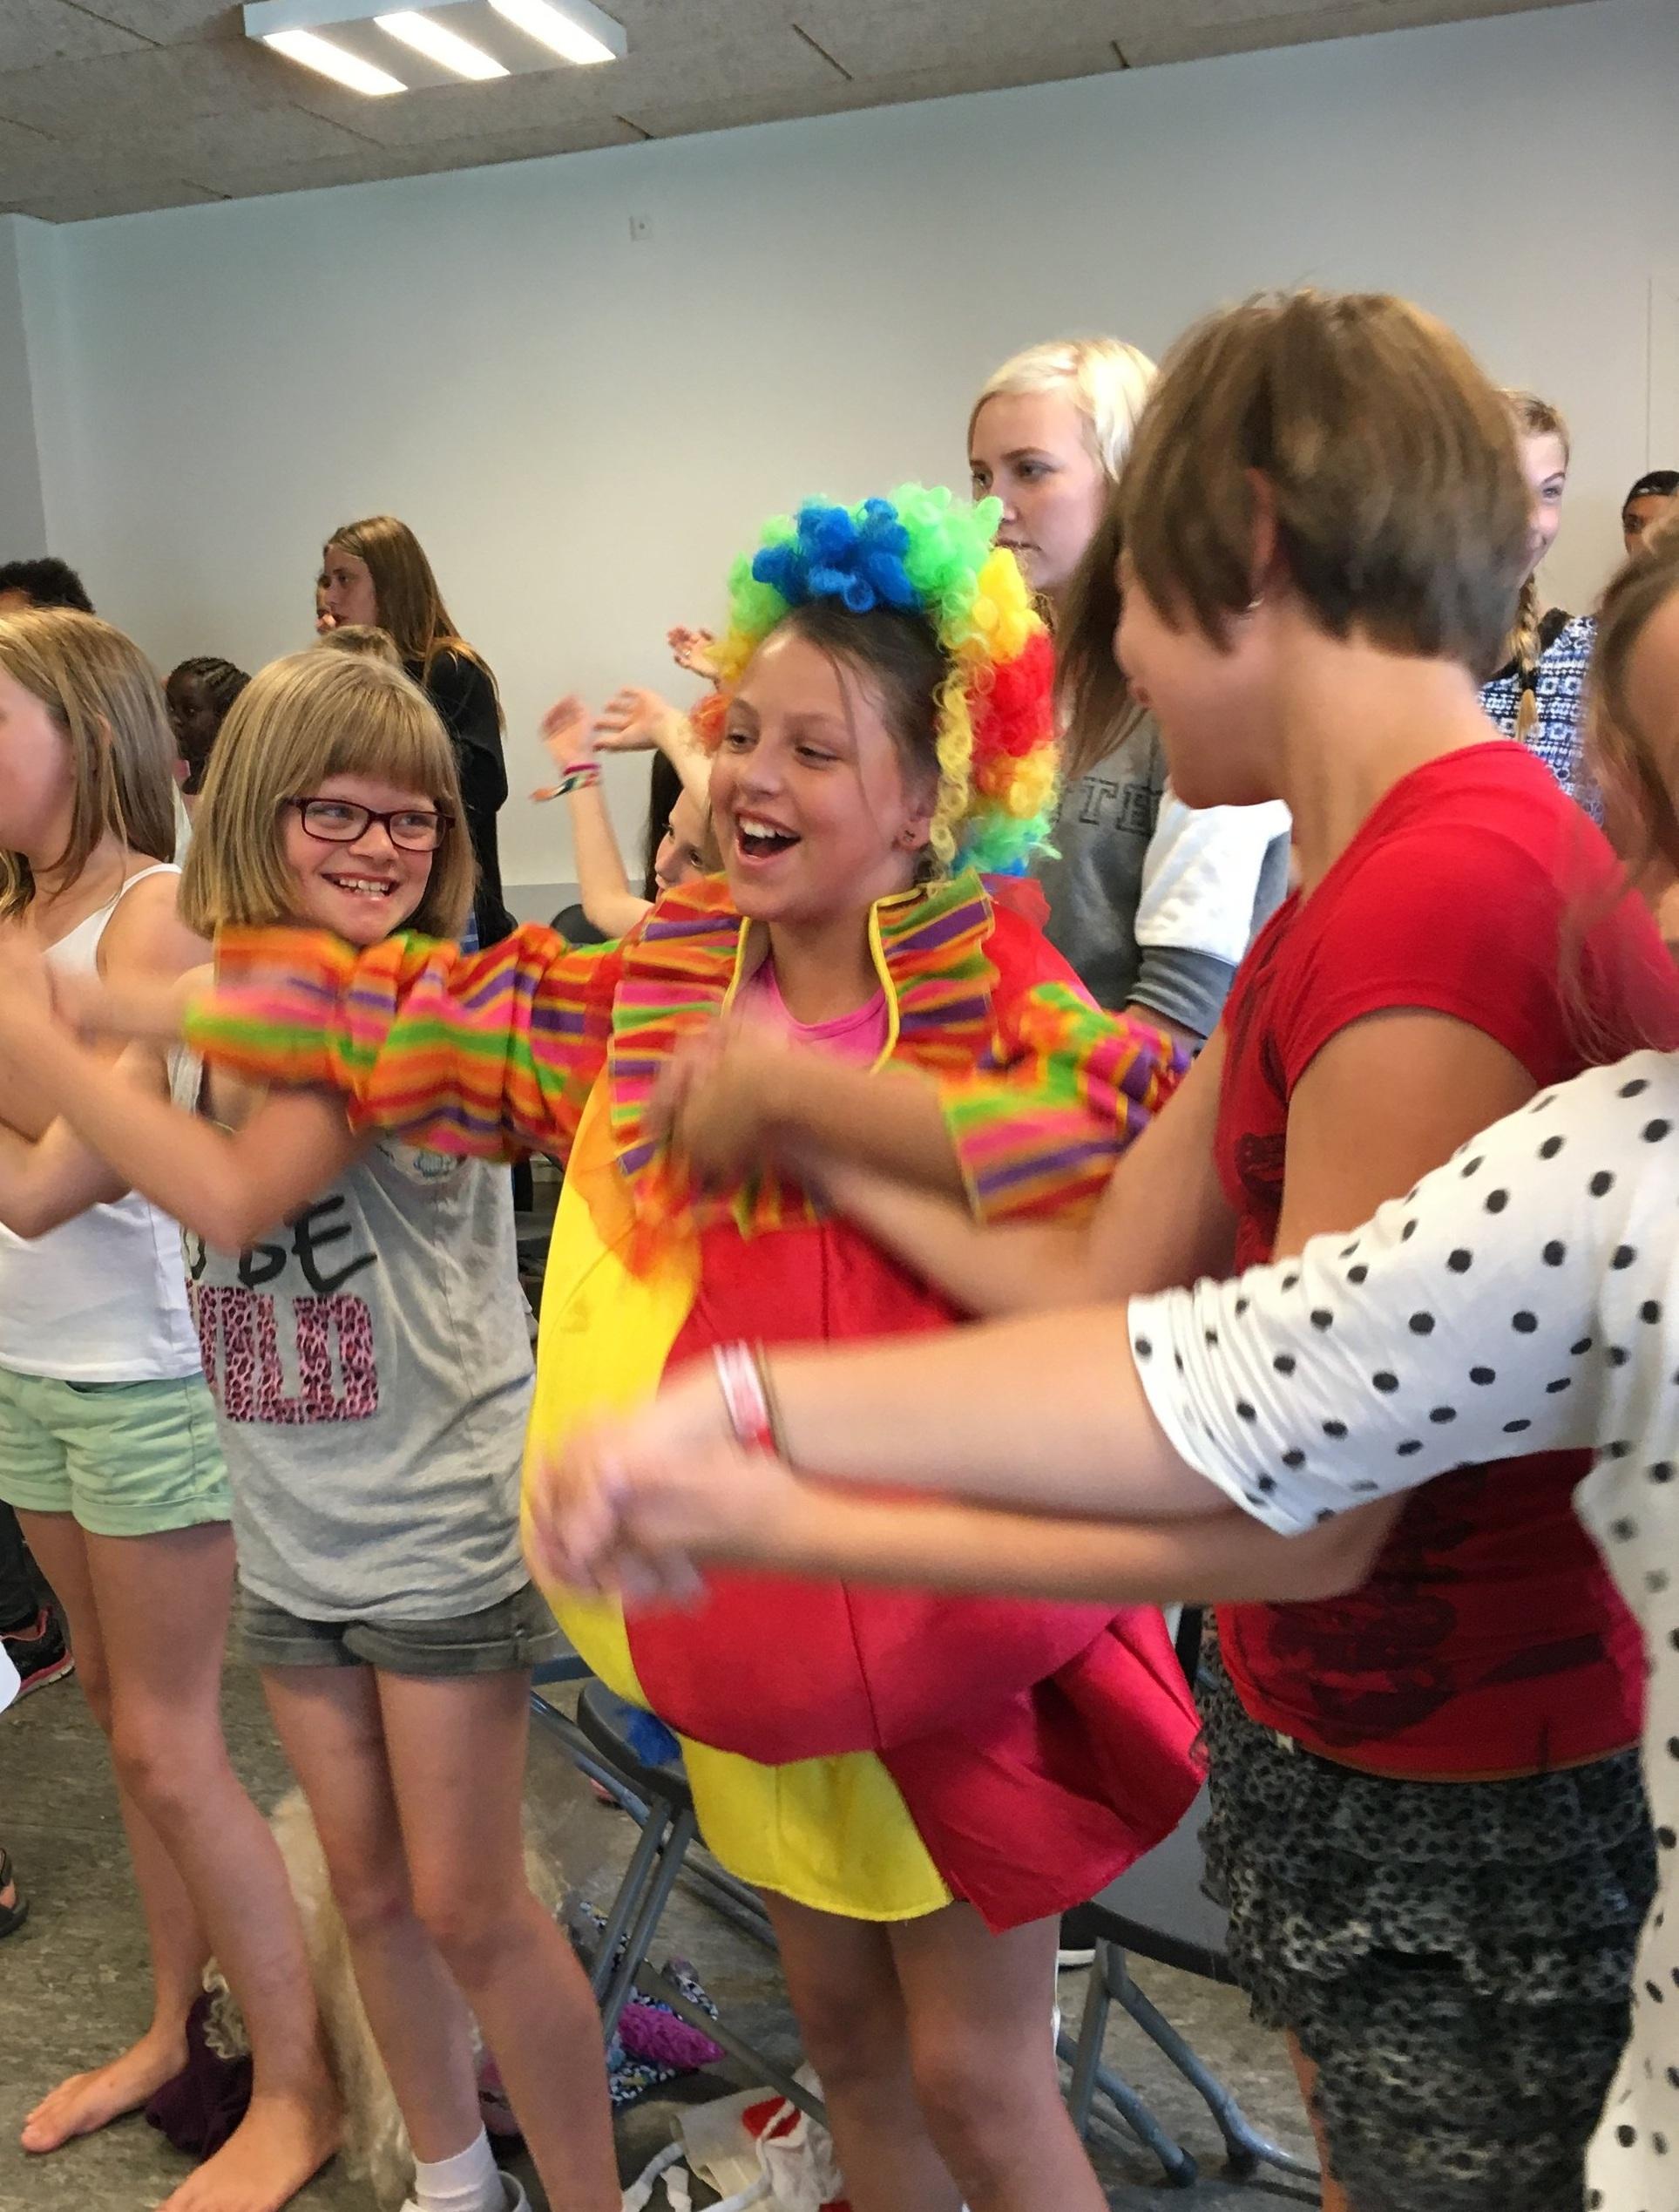 Vores mål - Vores mål er først og fremmest at præsentere den kristne tro for børn i Danmark. Vi lægger især vægt på at komme i kontakt med børn, som ikke er vant til at gå i kirke. Når troen begynder at spire frem i et barn, ønsker vi at give næring til denne tro og hjælpe med at få den til at vokse sig sund og stærk. Vi tror, at dette bedst sker i en lokal kirke, og derfor har vi også som formål at bygge bro mellem børn og kirke.Læs mere